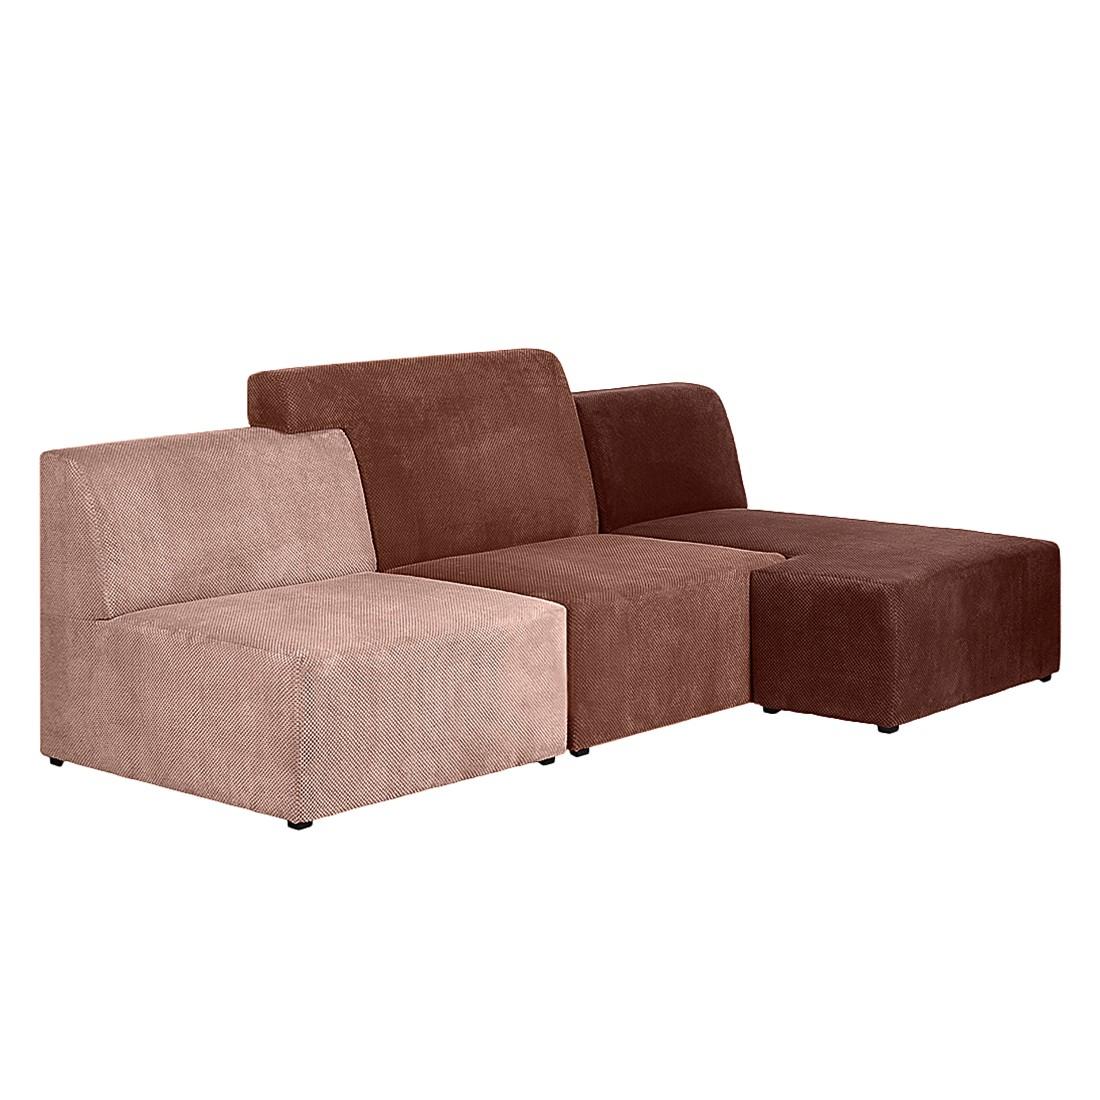 ecksofa sweet stoff rot ottomane links und rechts montierbar fredriks jetzt kaufen. Black Bedroom Furniture Sets. Home Design Ideas